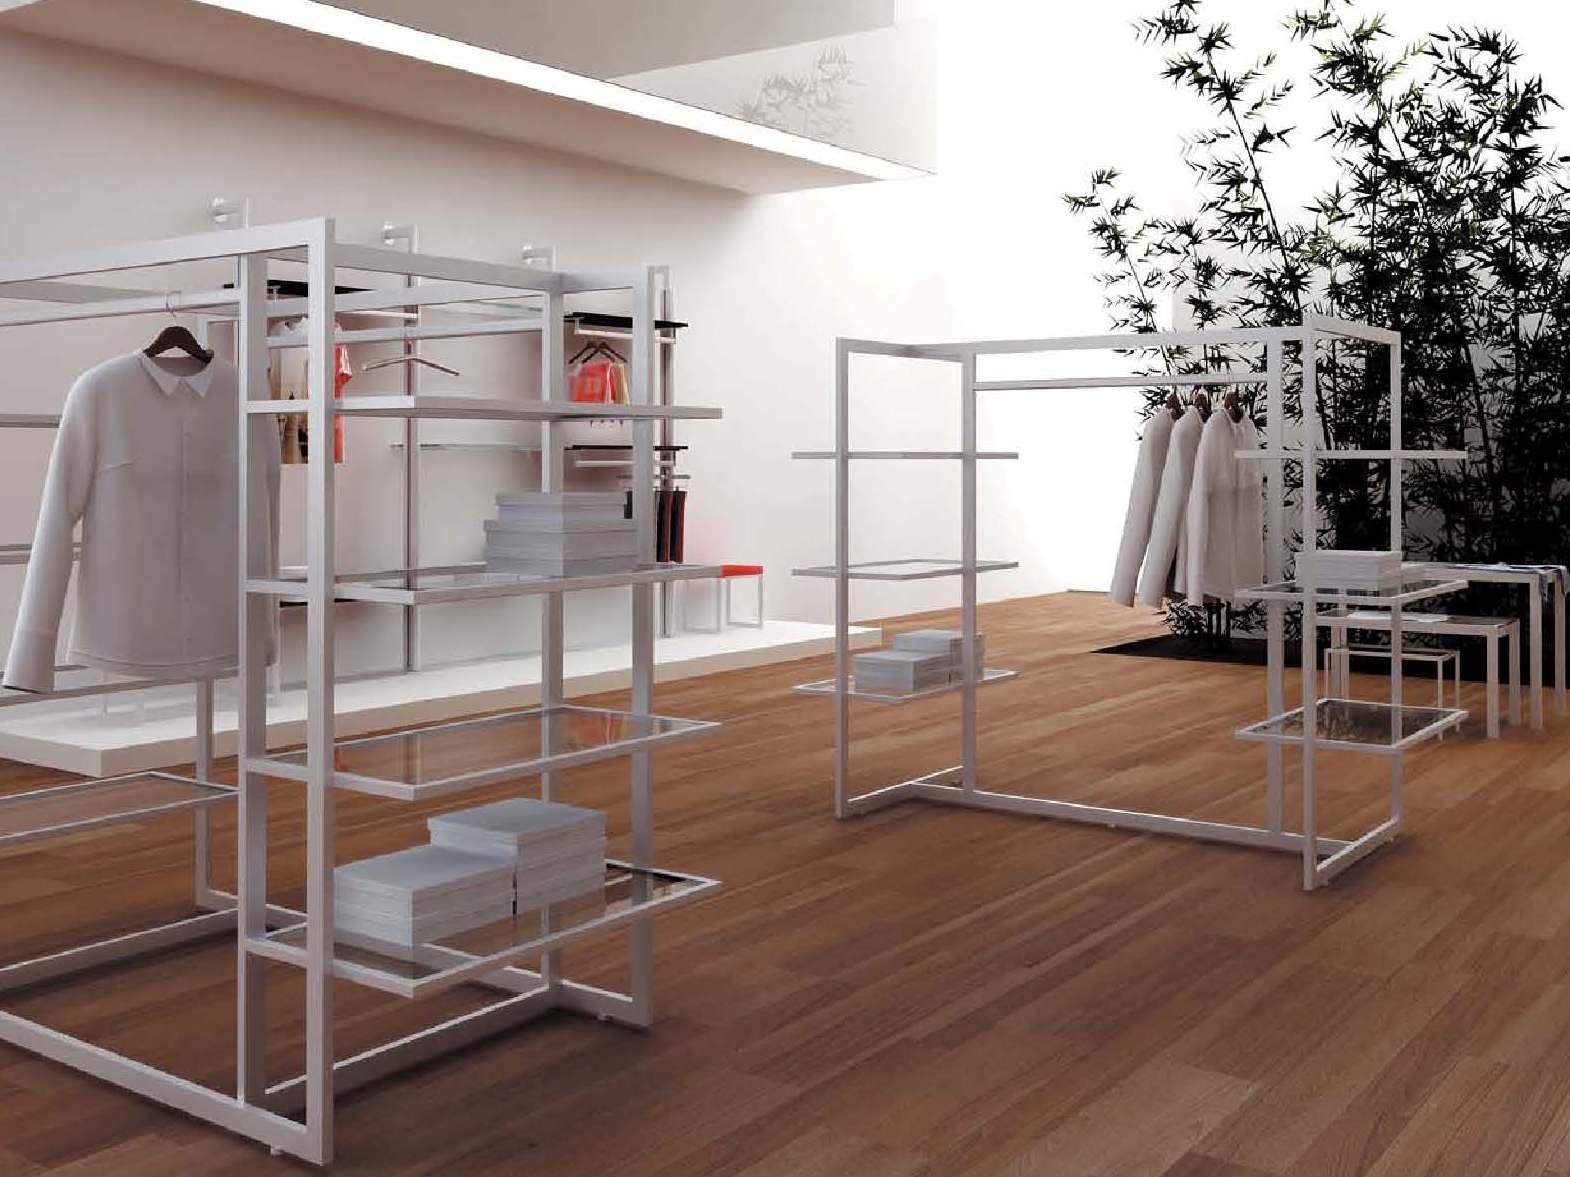 Ipm tecnologie e creazioni in acciaio inox alluminio ed for Arredi sketchup